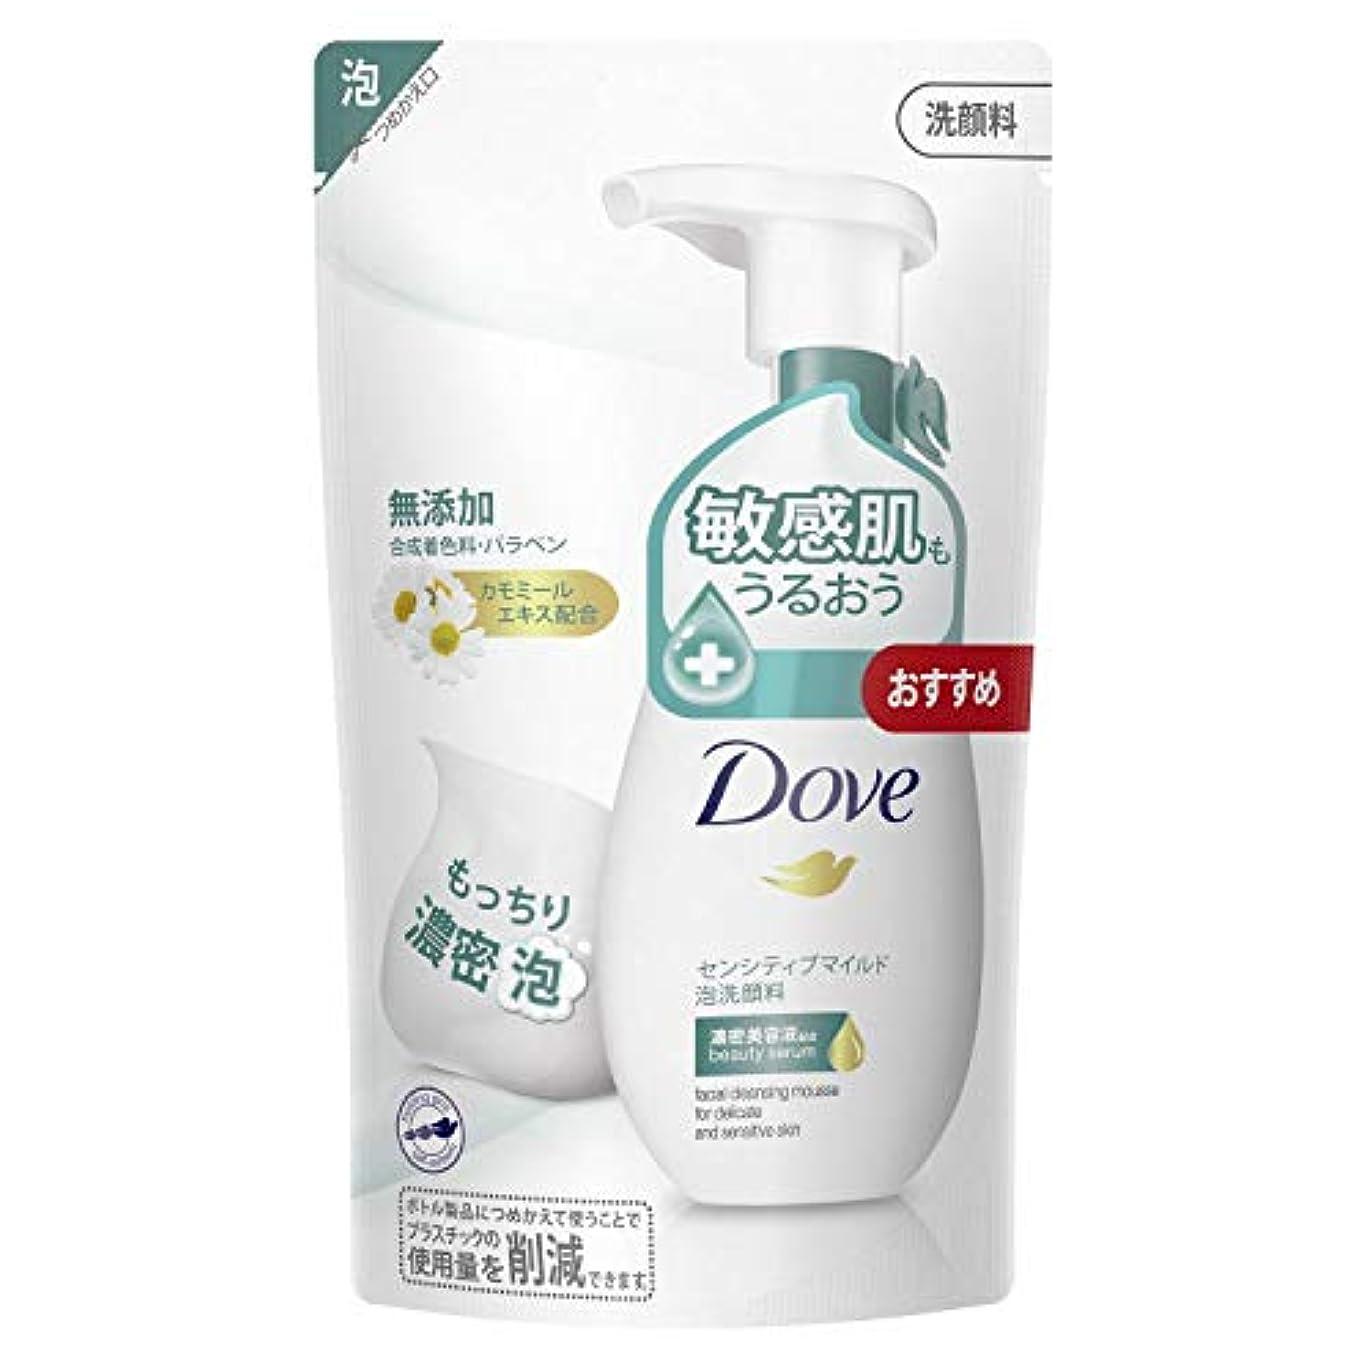 未接続人里離れた憂慮すべきダヴ センシティブマイルド クリーミー泡洗顔料 つめかえ用 敏感肌用 140mL